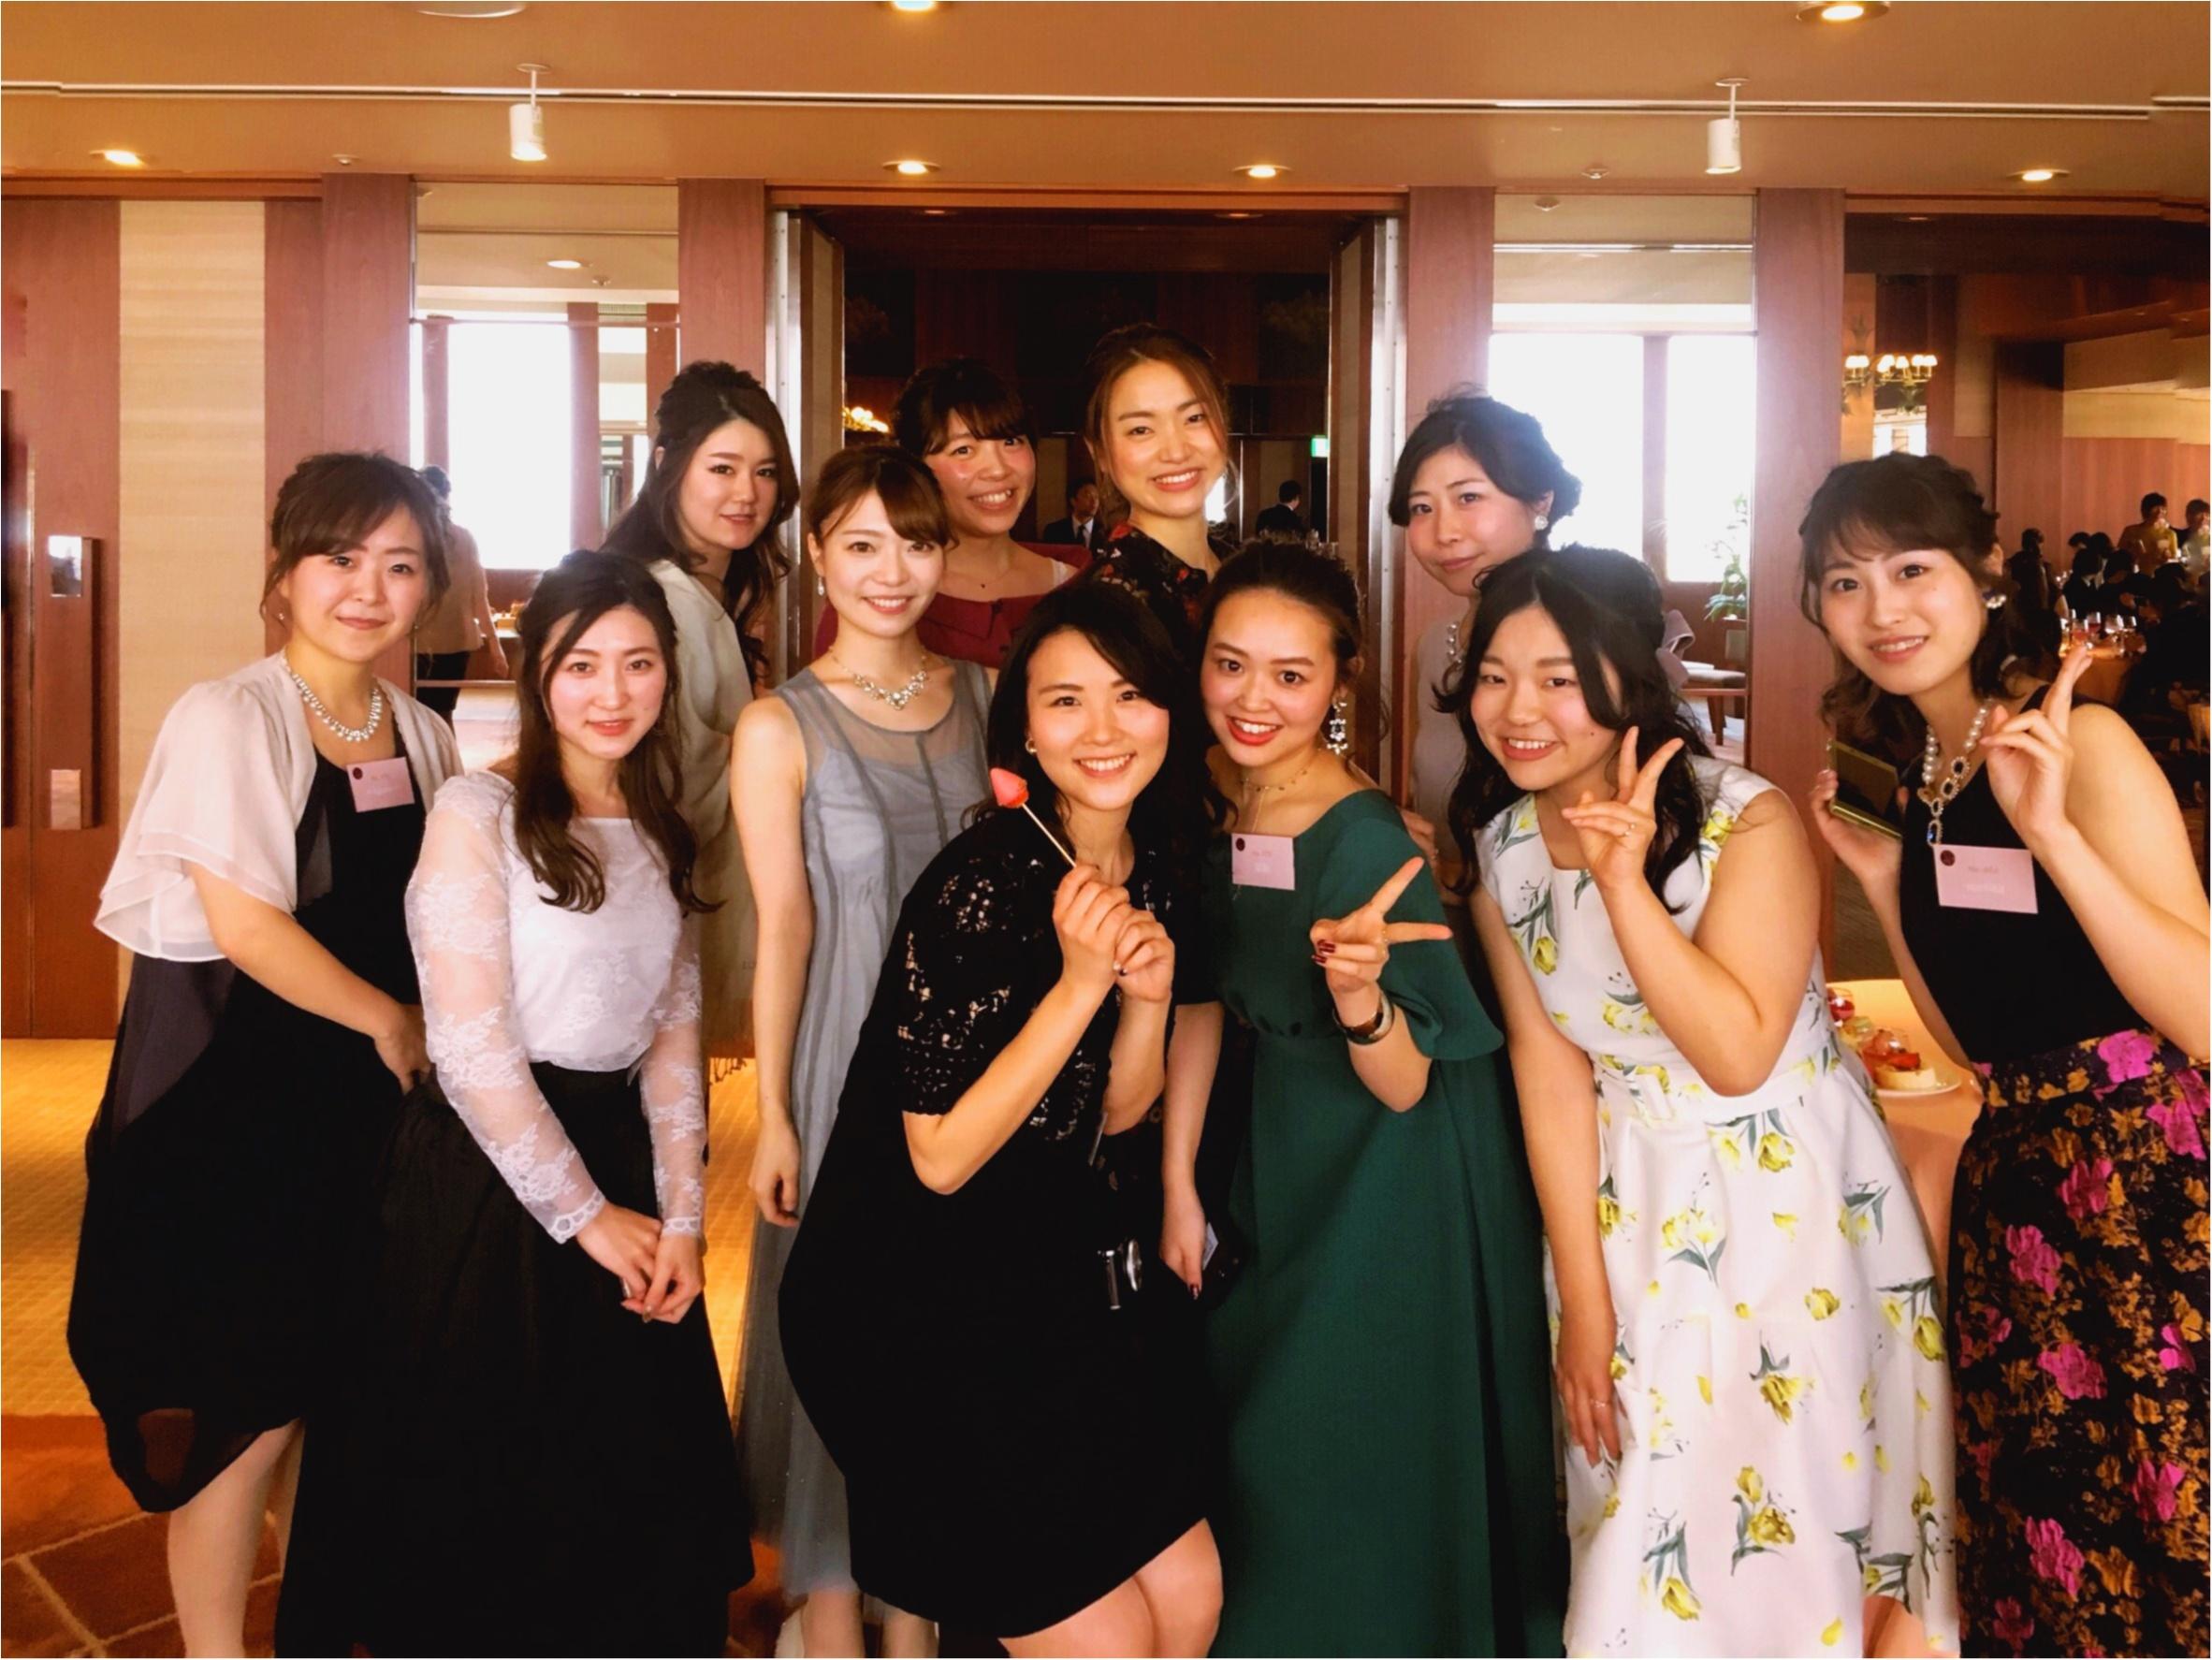 【MORE大女子会2018】レポ①モアハピ部大集合の華やかな大女子会✩ドレスアップした美女たち♡_1